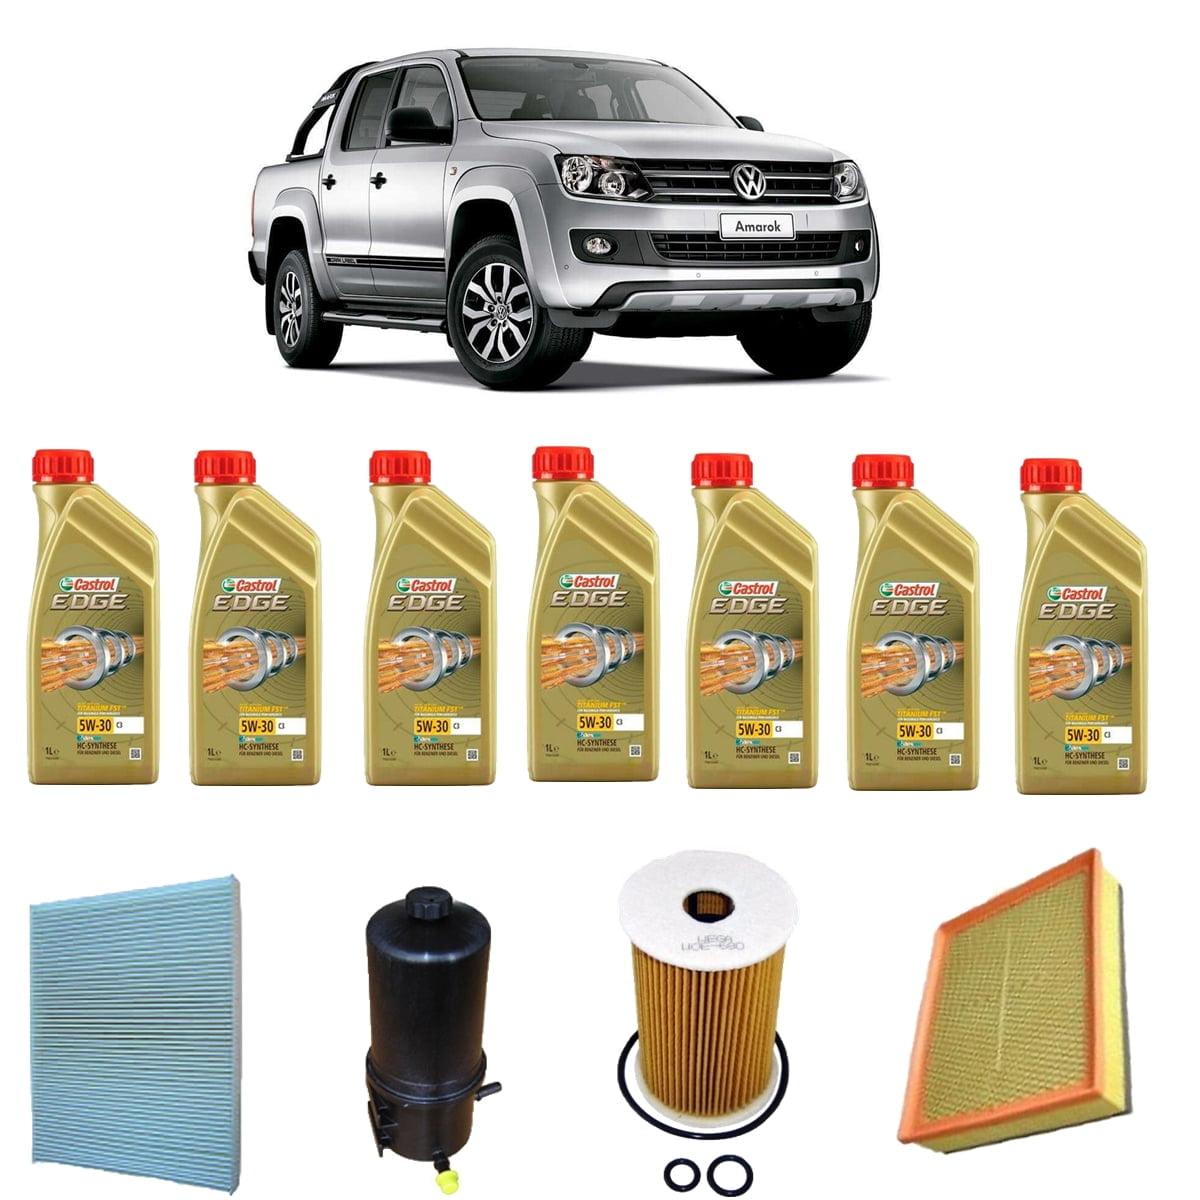 Troca De Oleo Castrol Edge 5w30 Volkswagen Amarok Diesel